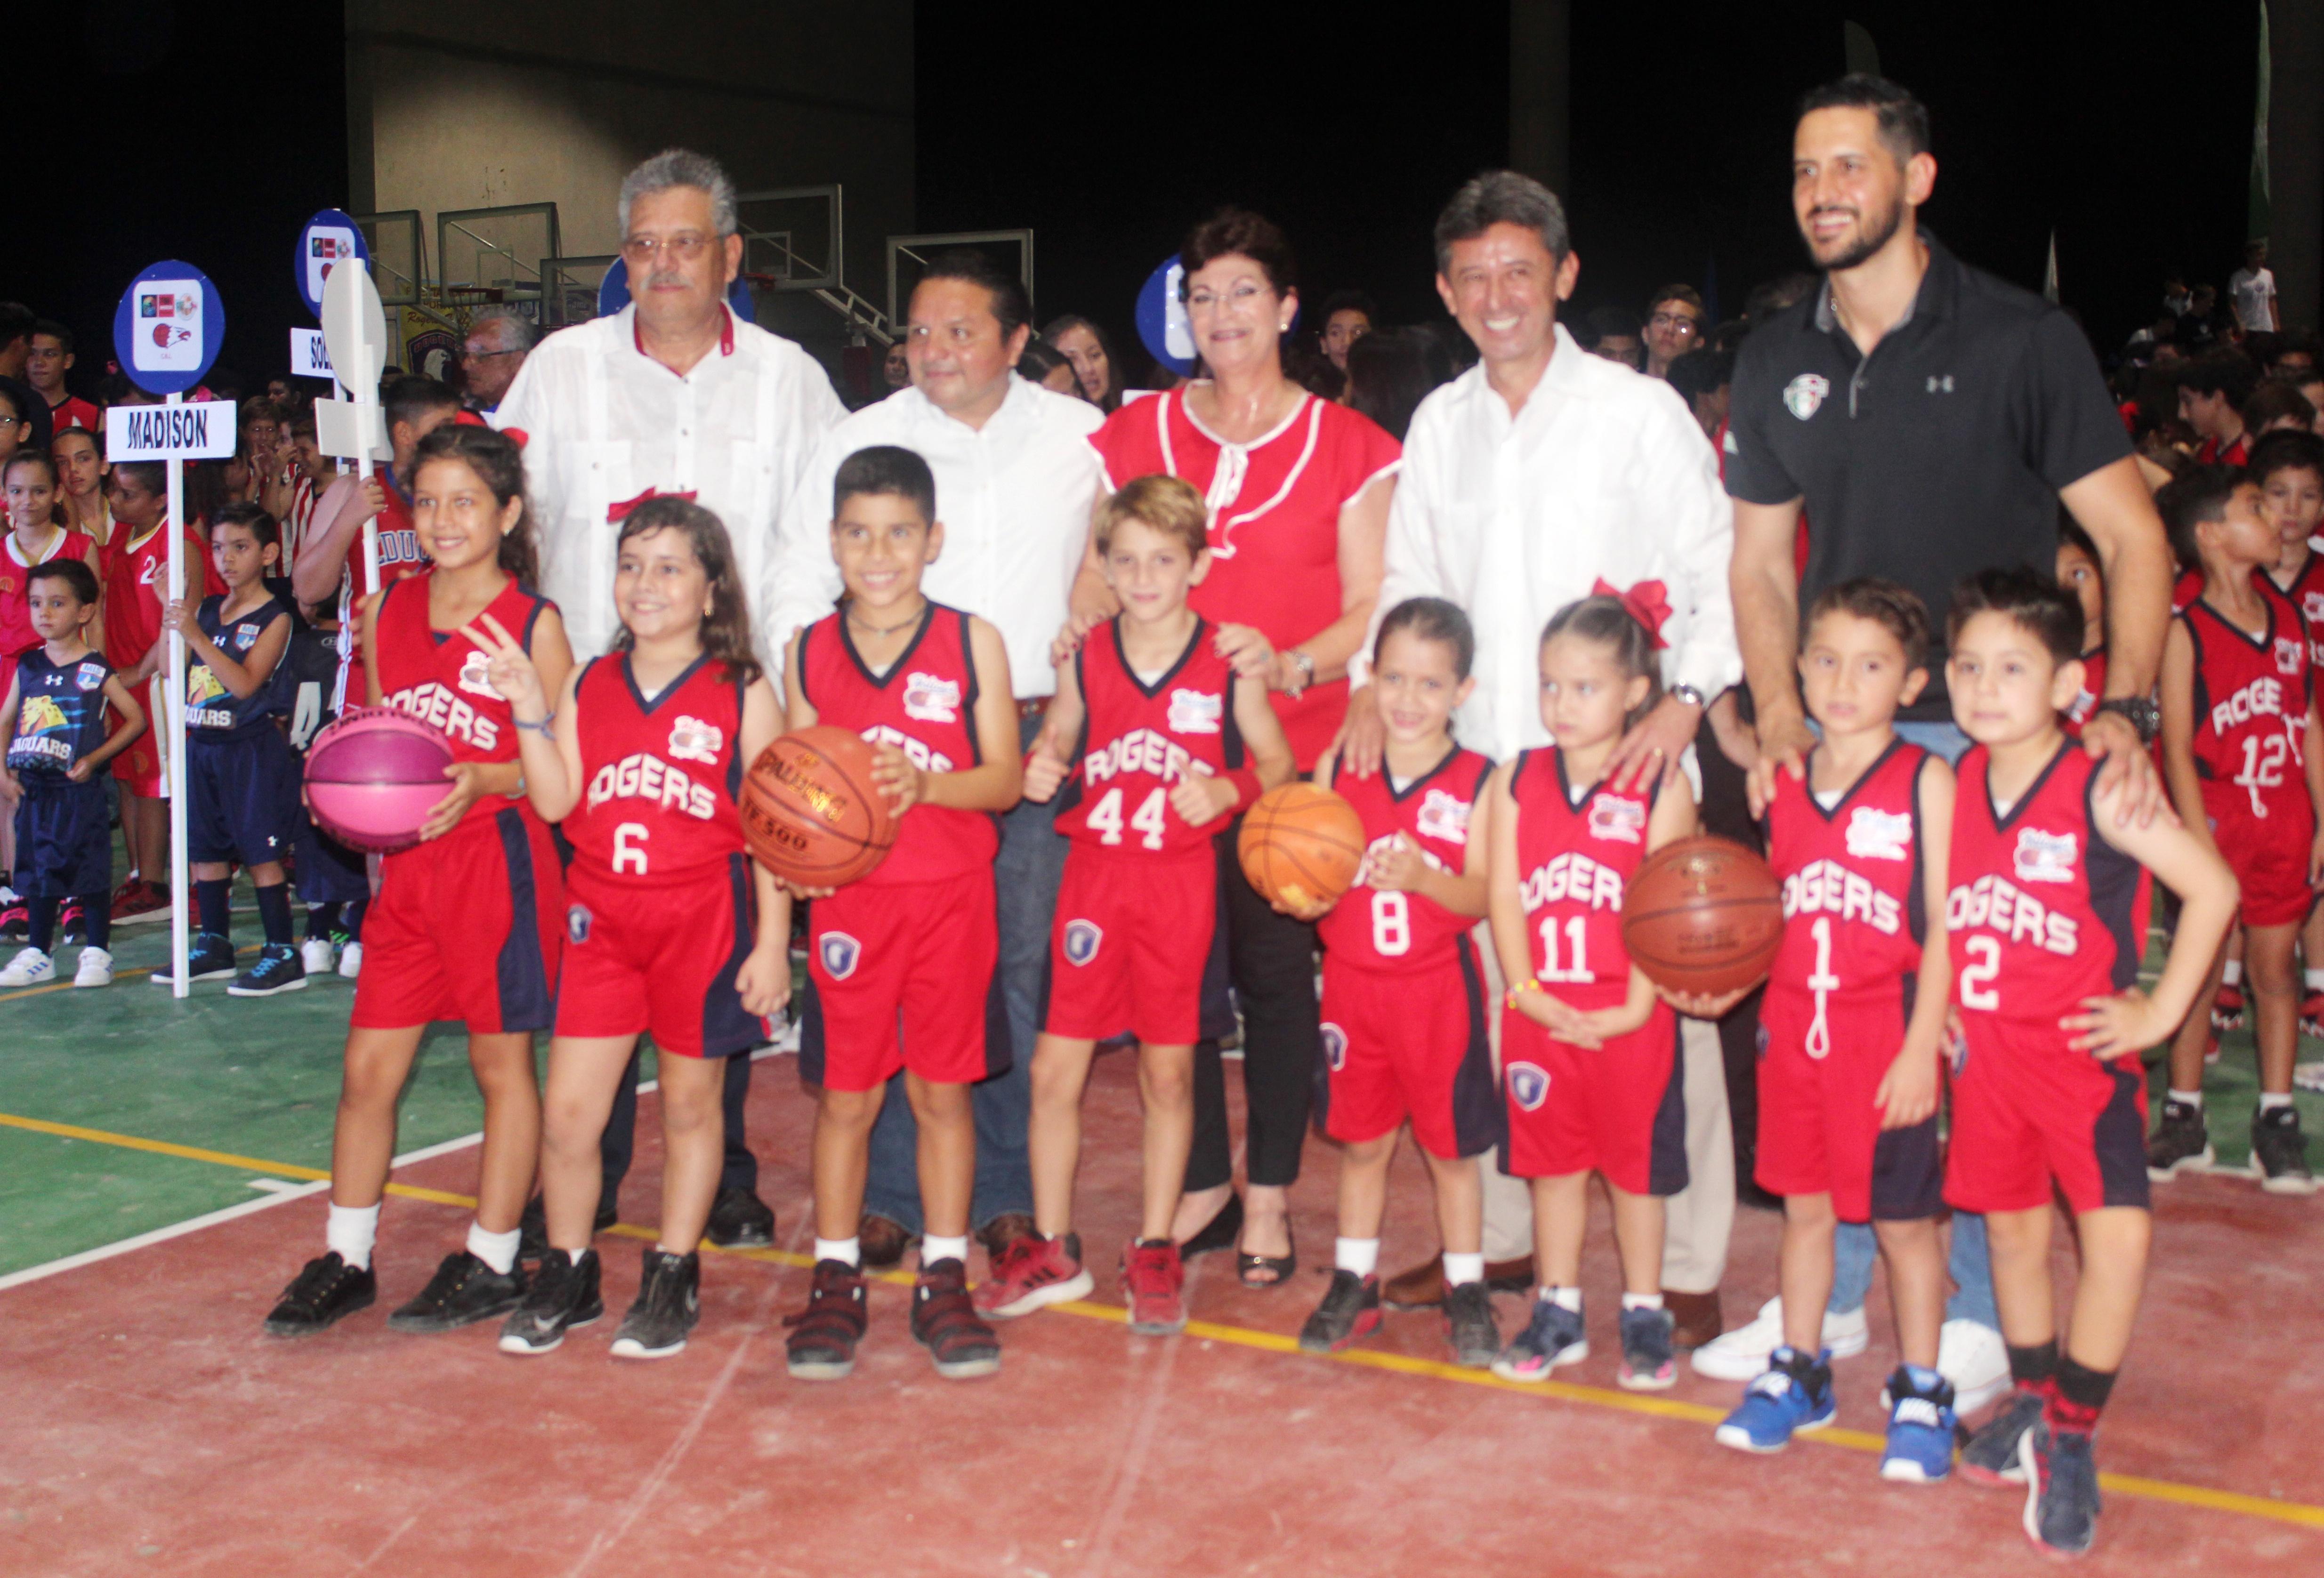 Liga de basquetbol en Merida_RogersHall